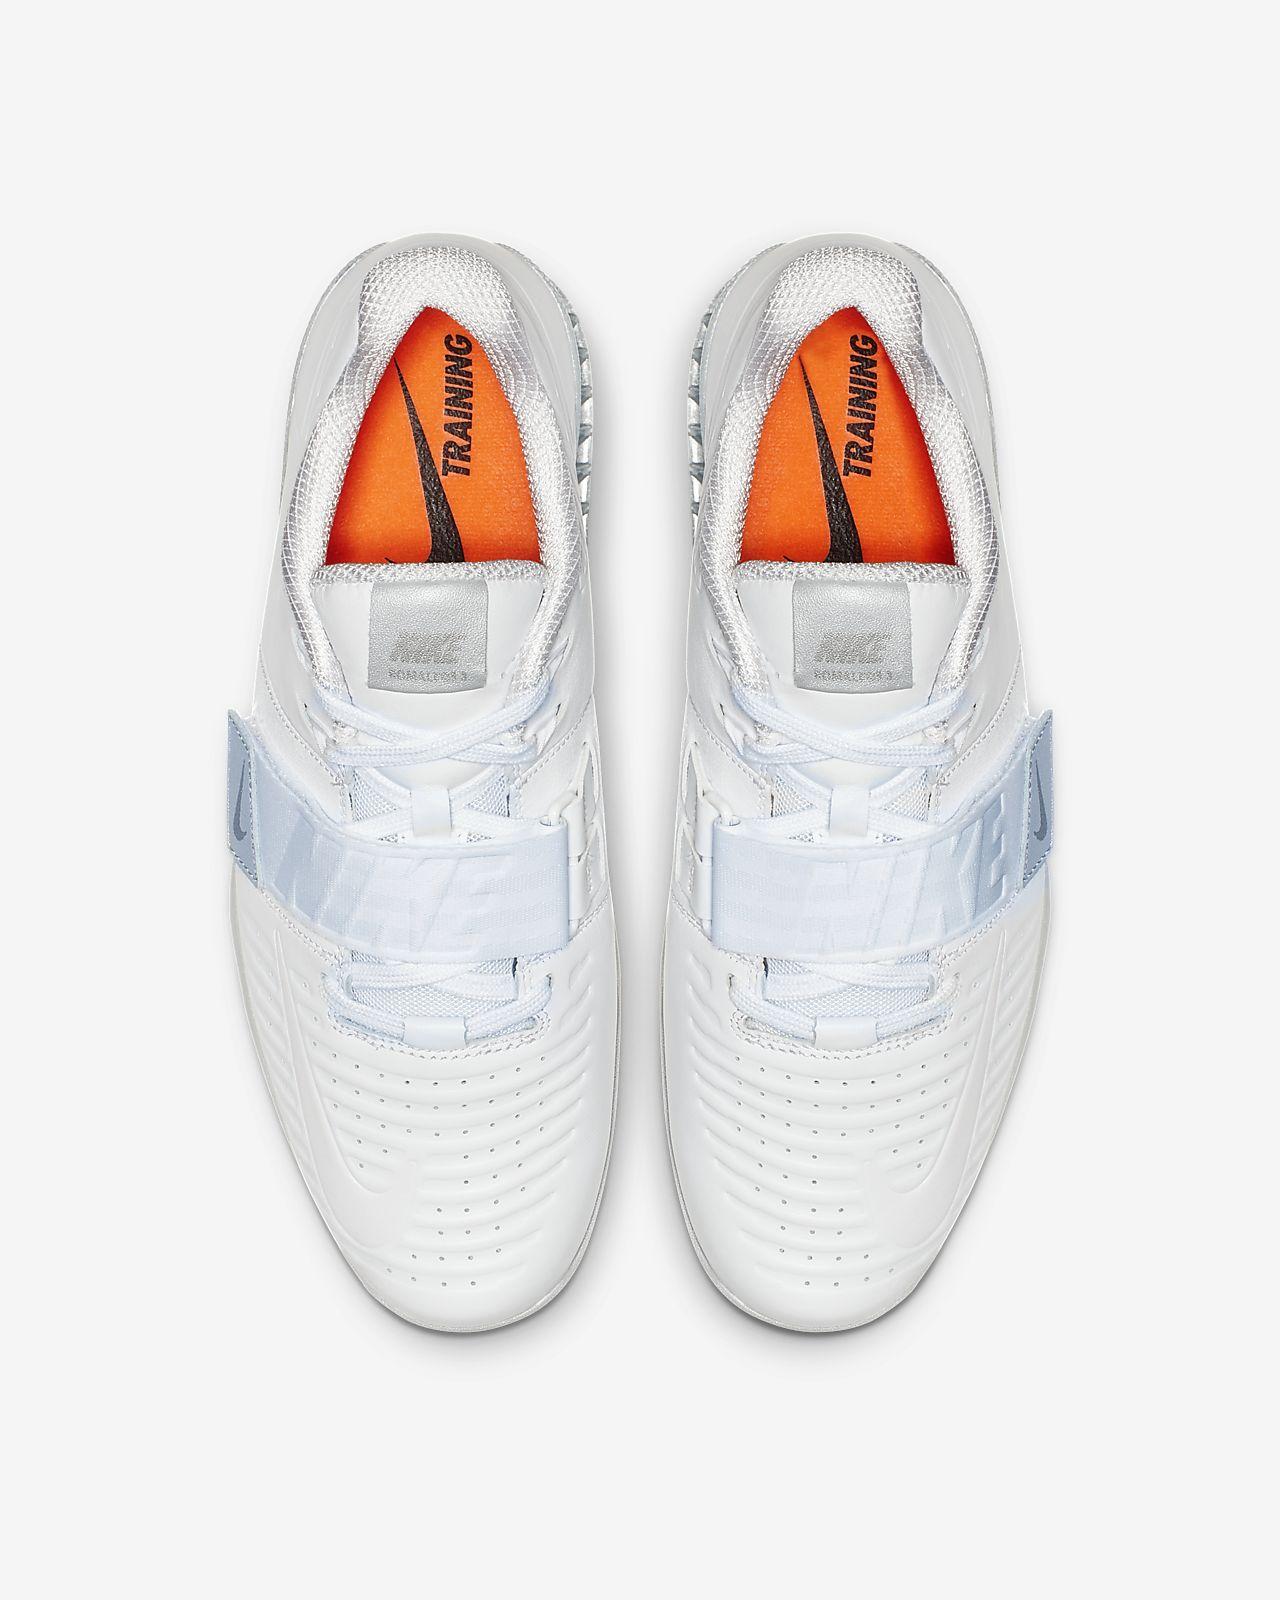 a913e529ab98 Nike Romaleos 3 XD Training Shoe. Nike.com AU